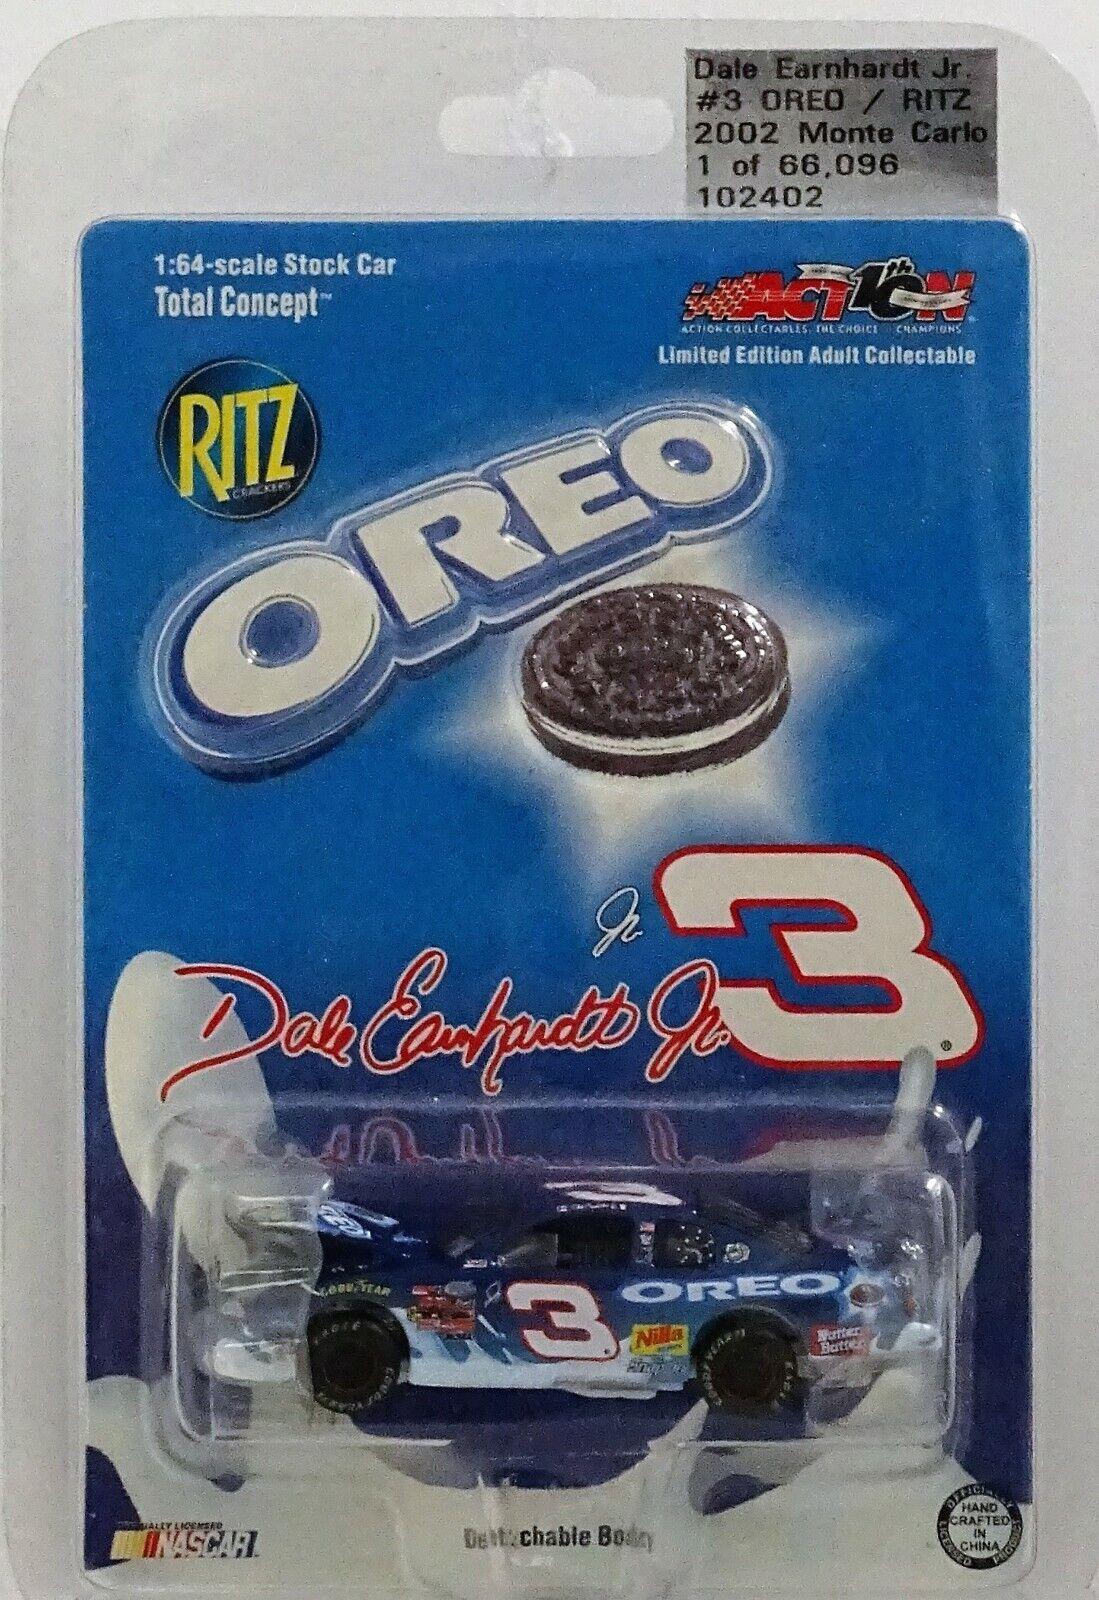 Nascar Dale Earnhardt Jr 1 64 Revell Diecast Oreo Ritz Daytona Raced Win